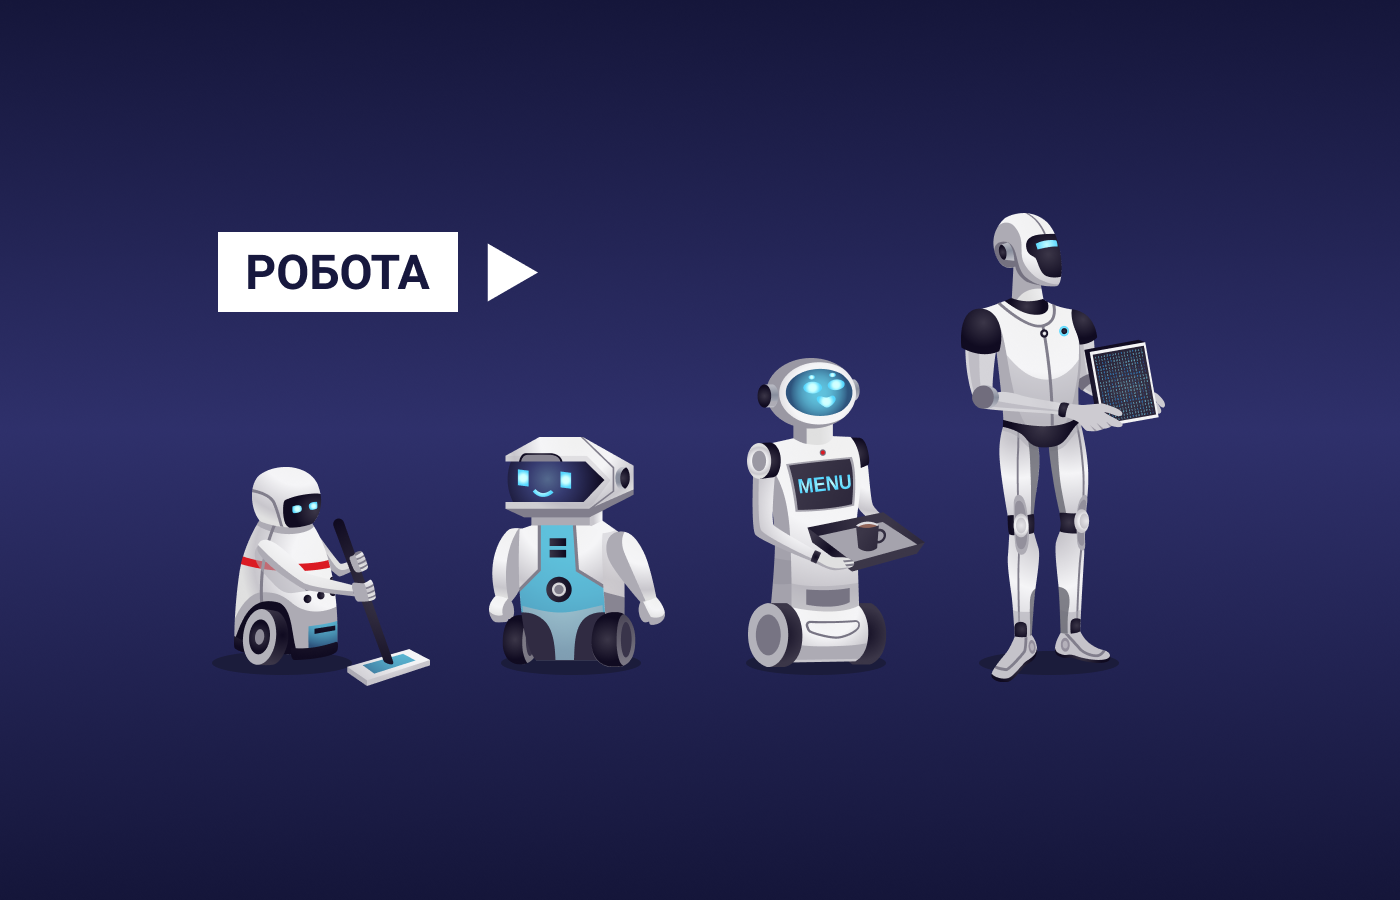 🤖 Тест: чи відбере робот у вашої дитини роботу в майбутньому?